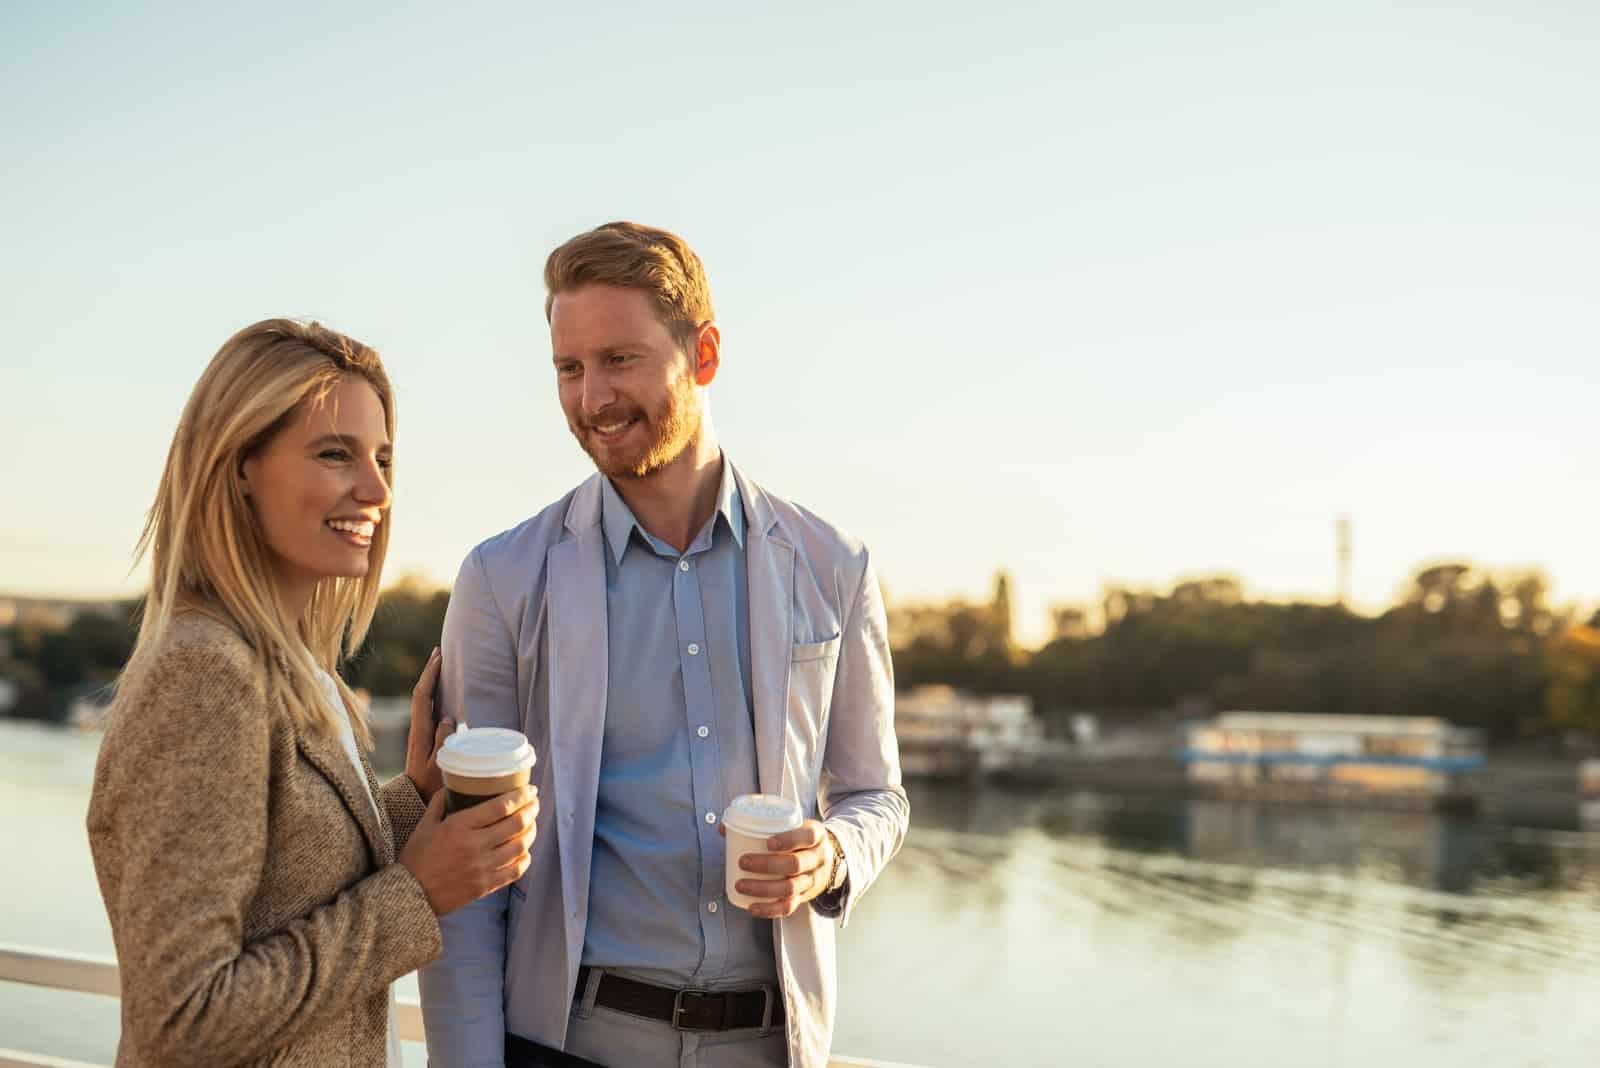 ein Mann und eine Frau stehen mit Kaffee in den Händen und unterhalten sich